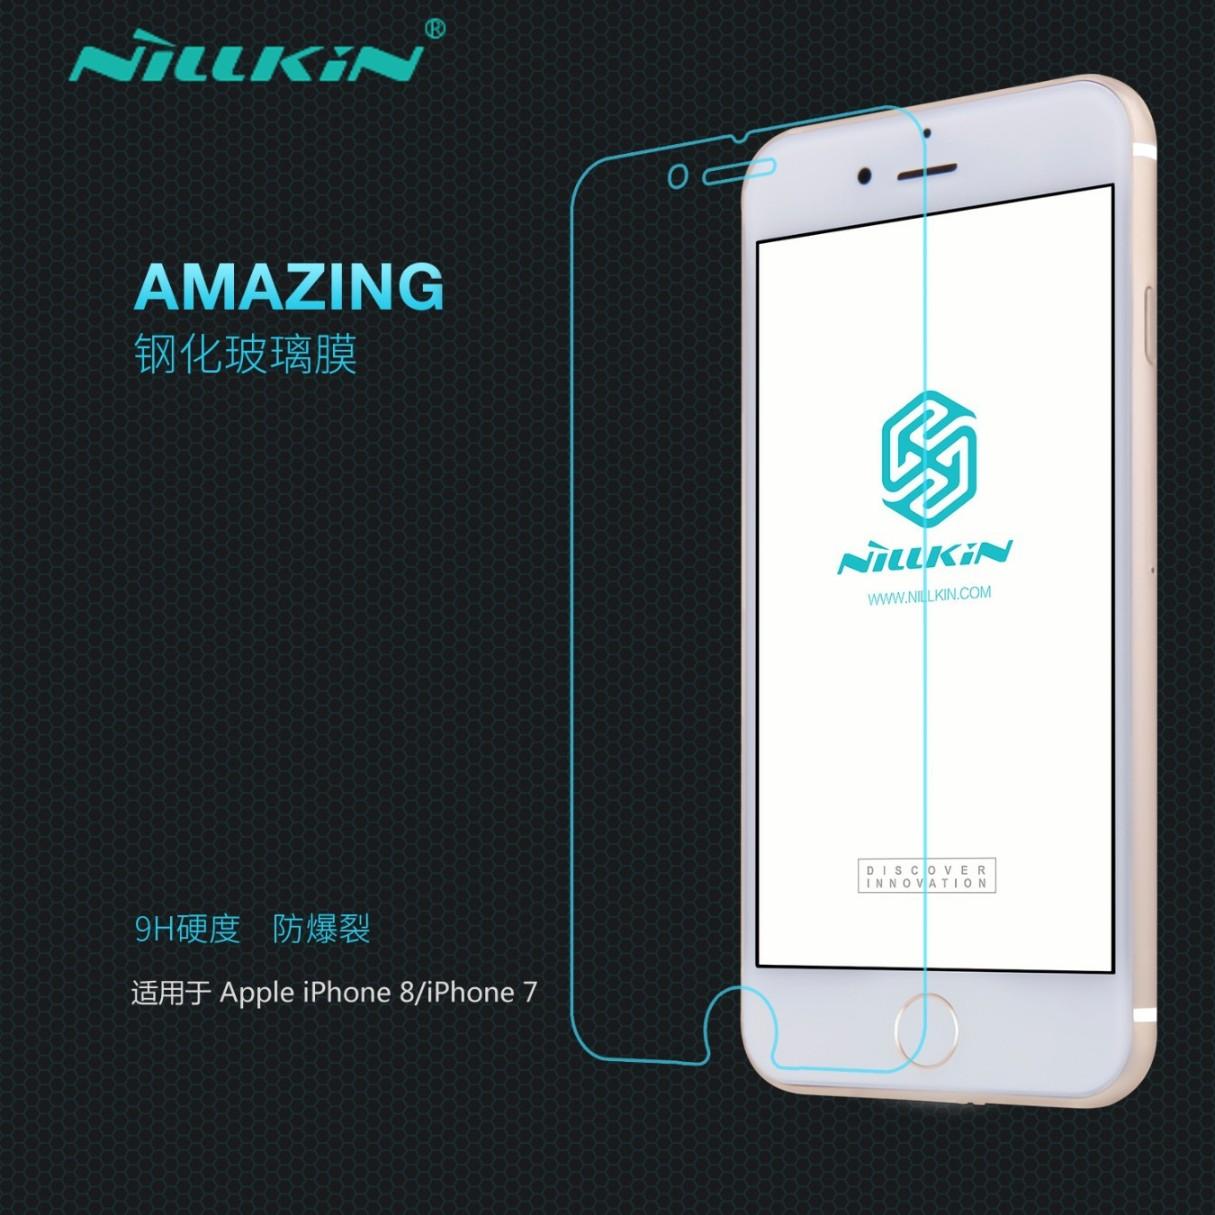 耐尔金 苹果iPhone8钢化膜苹果7防爆钢化玻璃膜4.7寸钢化玻璃贴膜